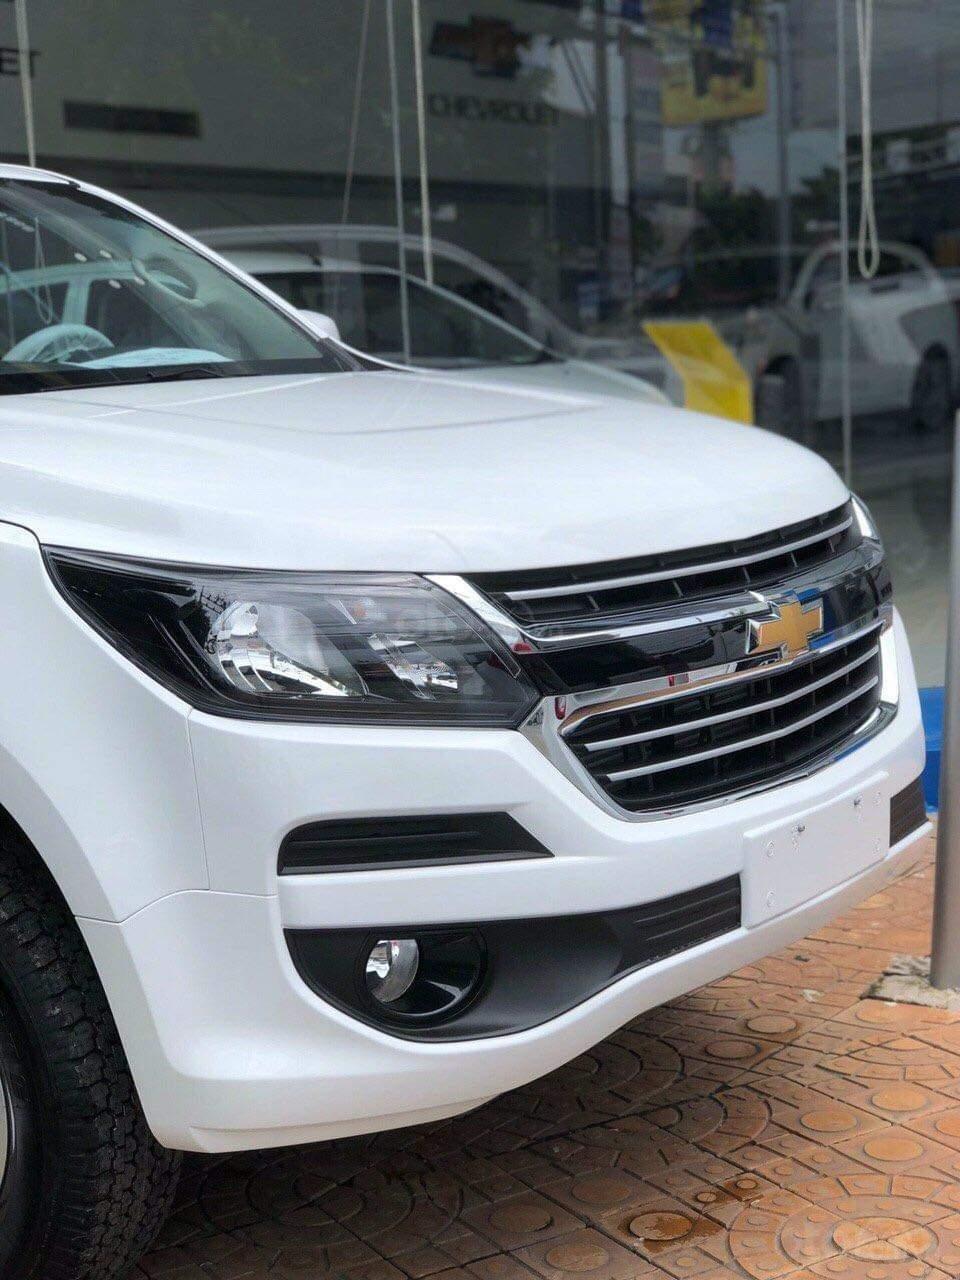 Xe bán tải Chevrolet Colorado MY19, xe nhập, giao ngay, ưu đãi sốc tháng 5-2